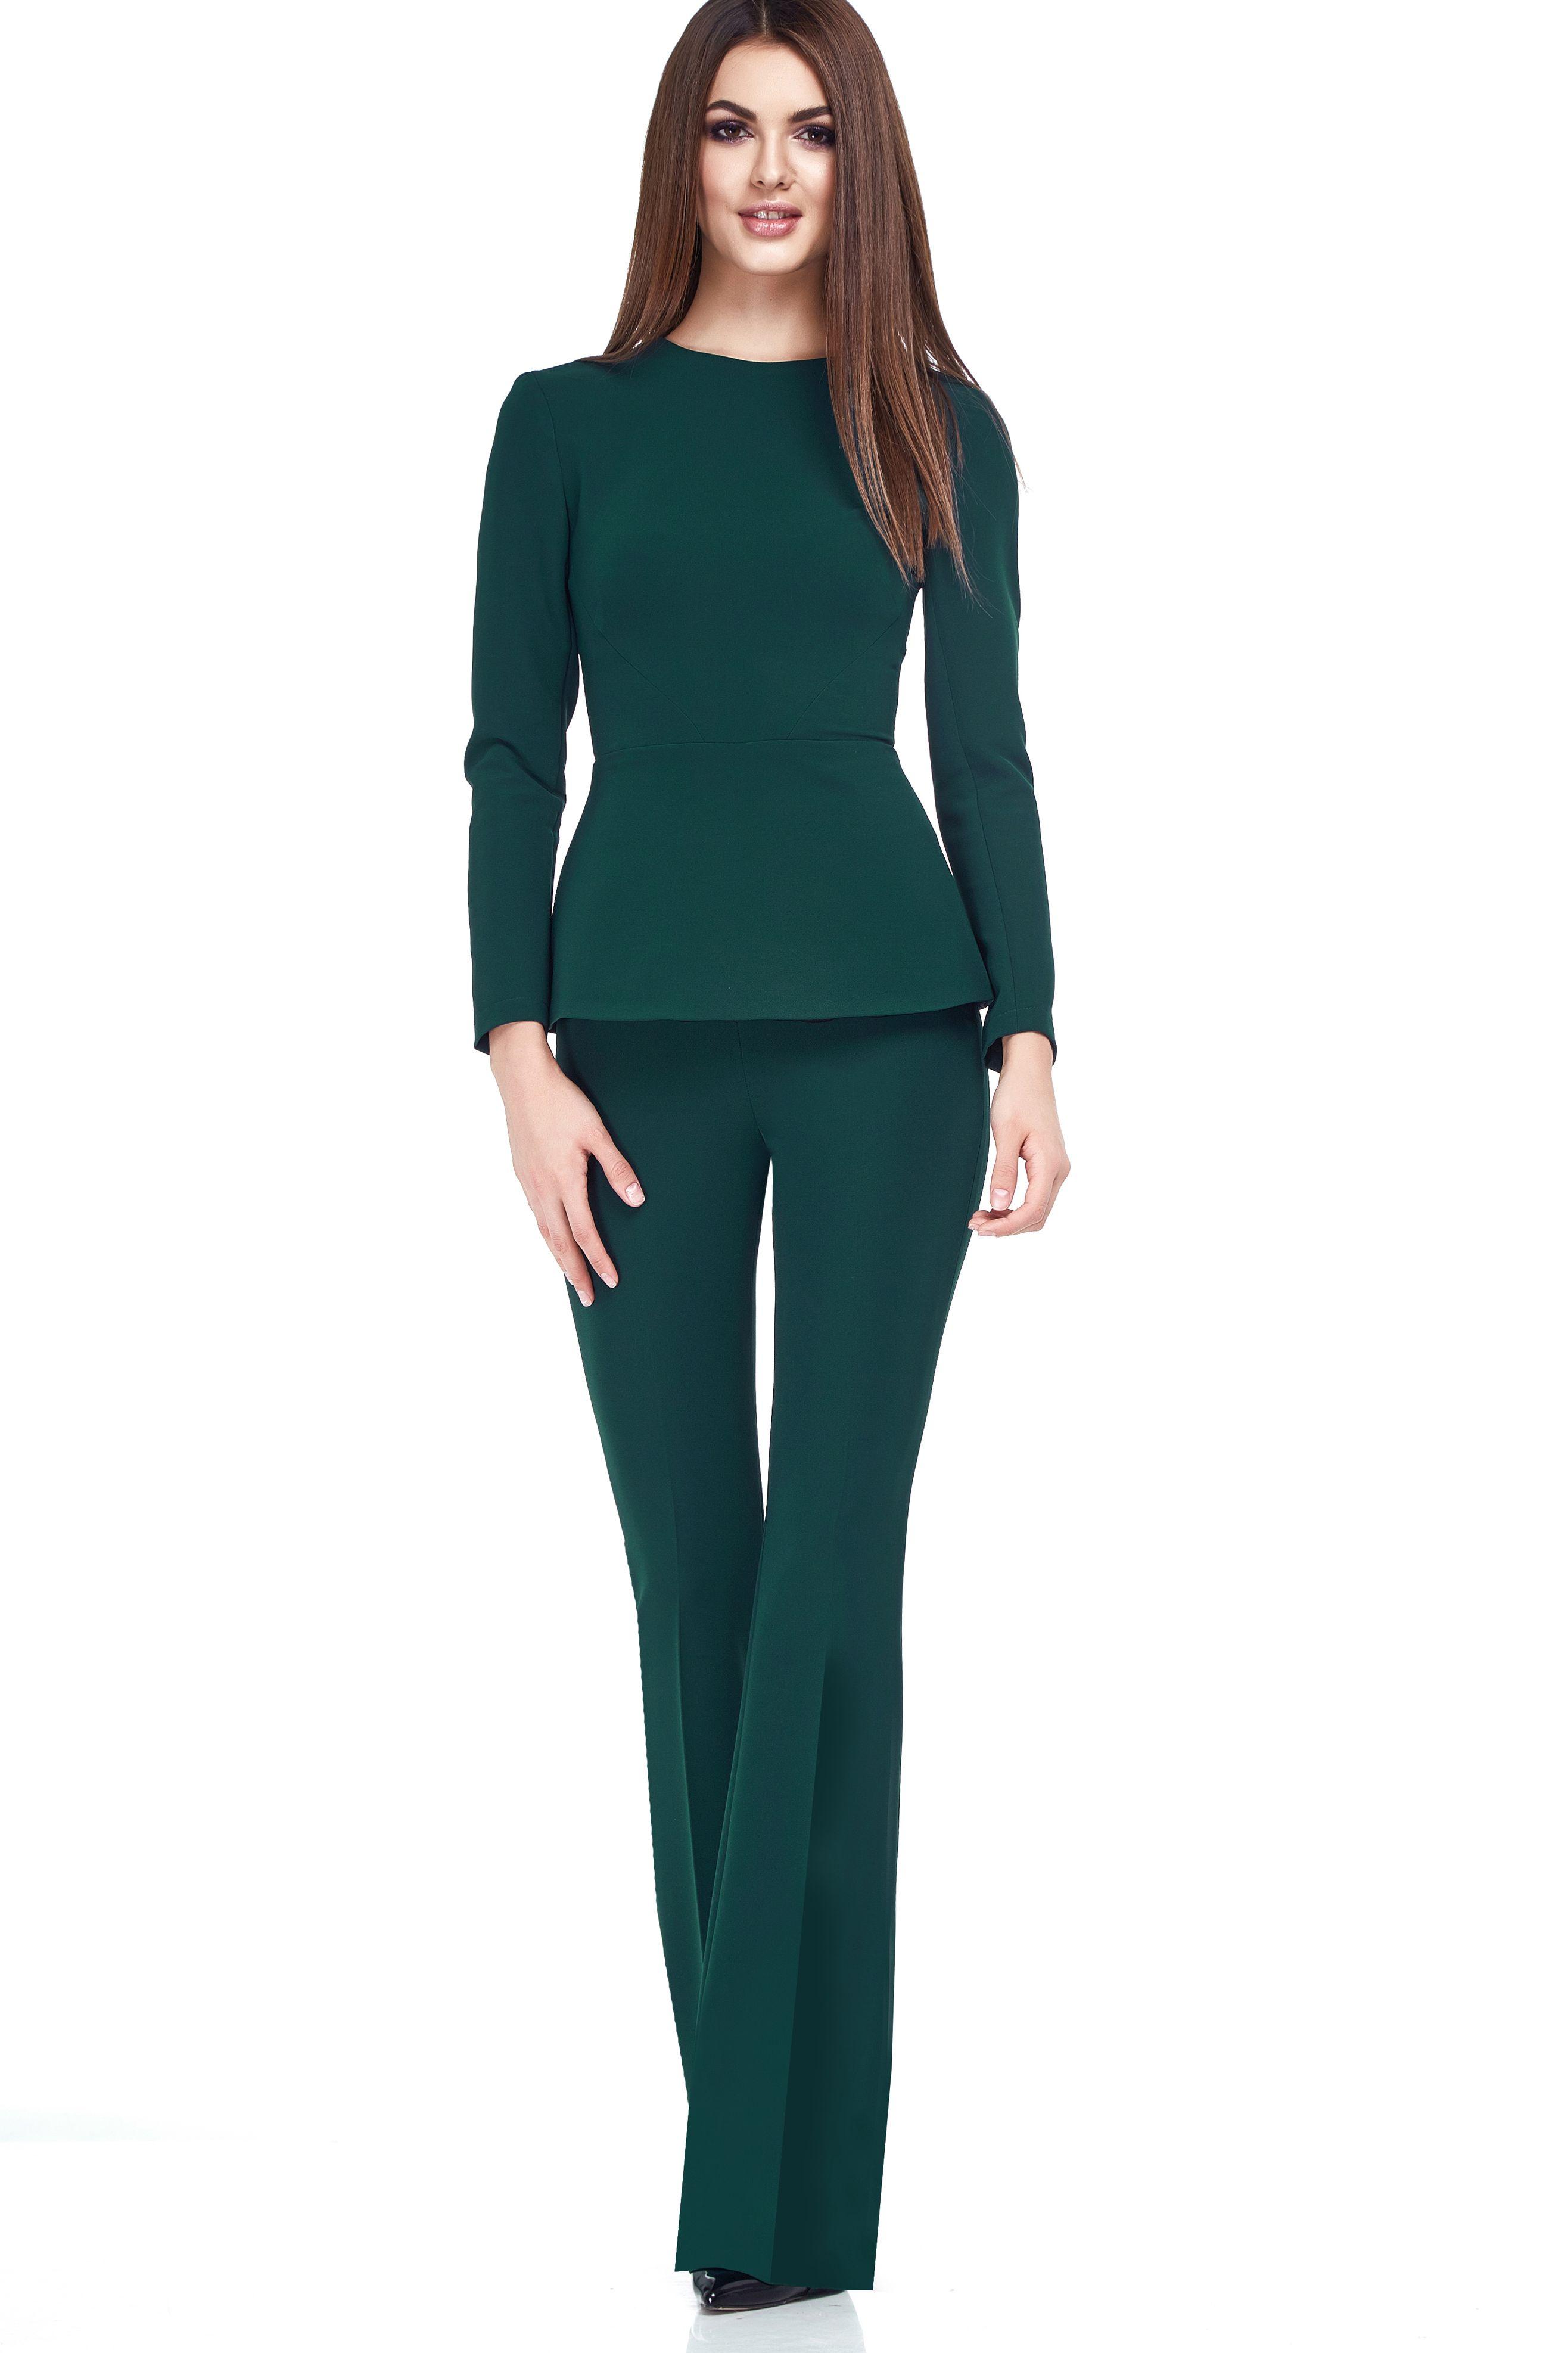 bb4aa6e20d4c89 Женский деловой костюм с брюками клеш зеленого цвета | приталочка ...